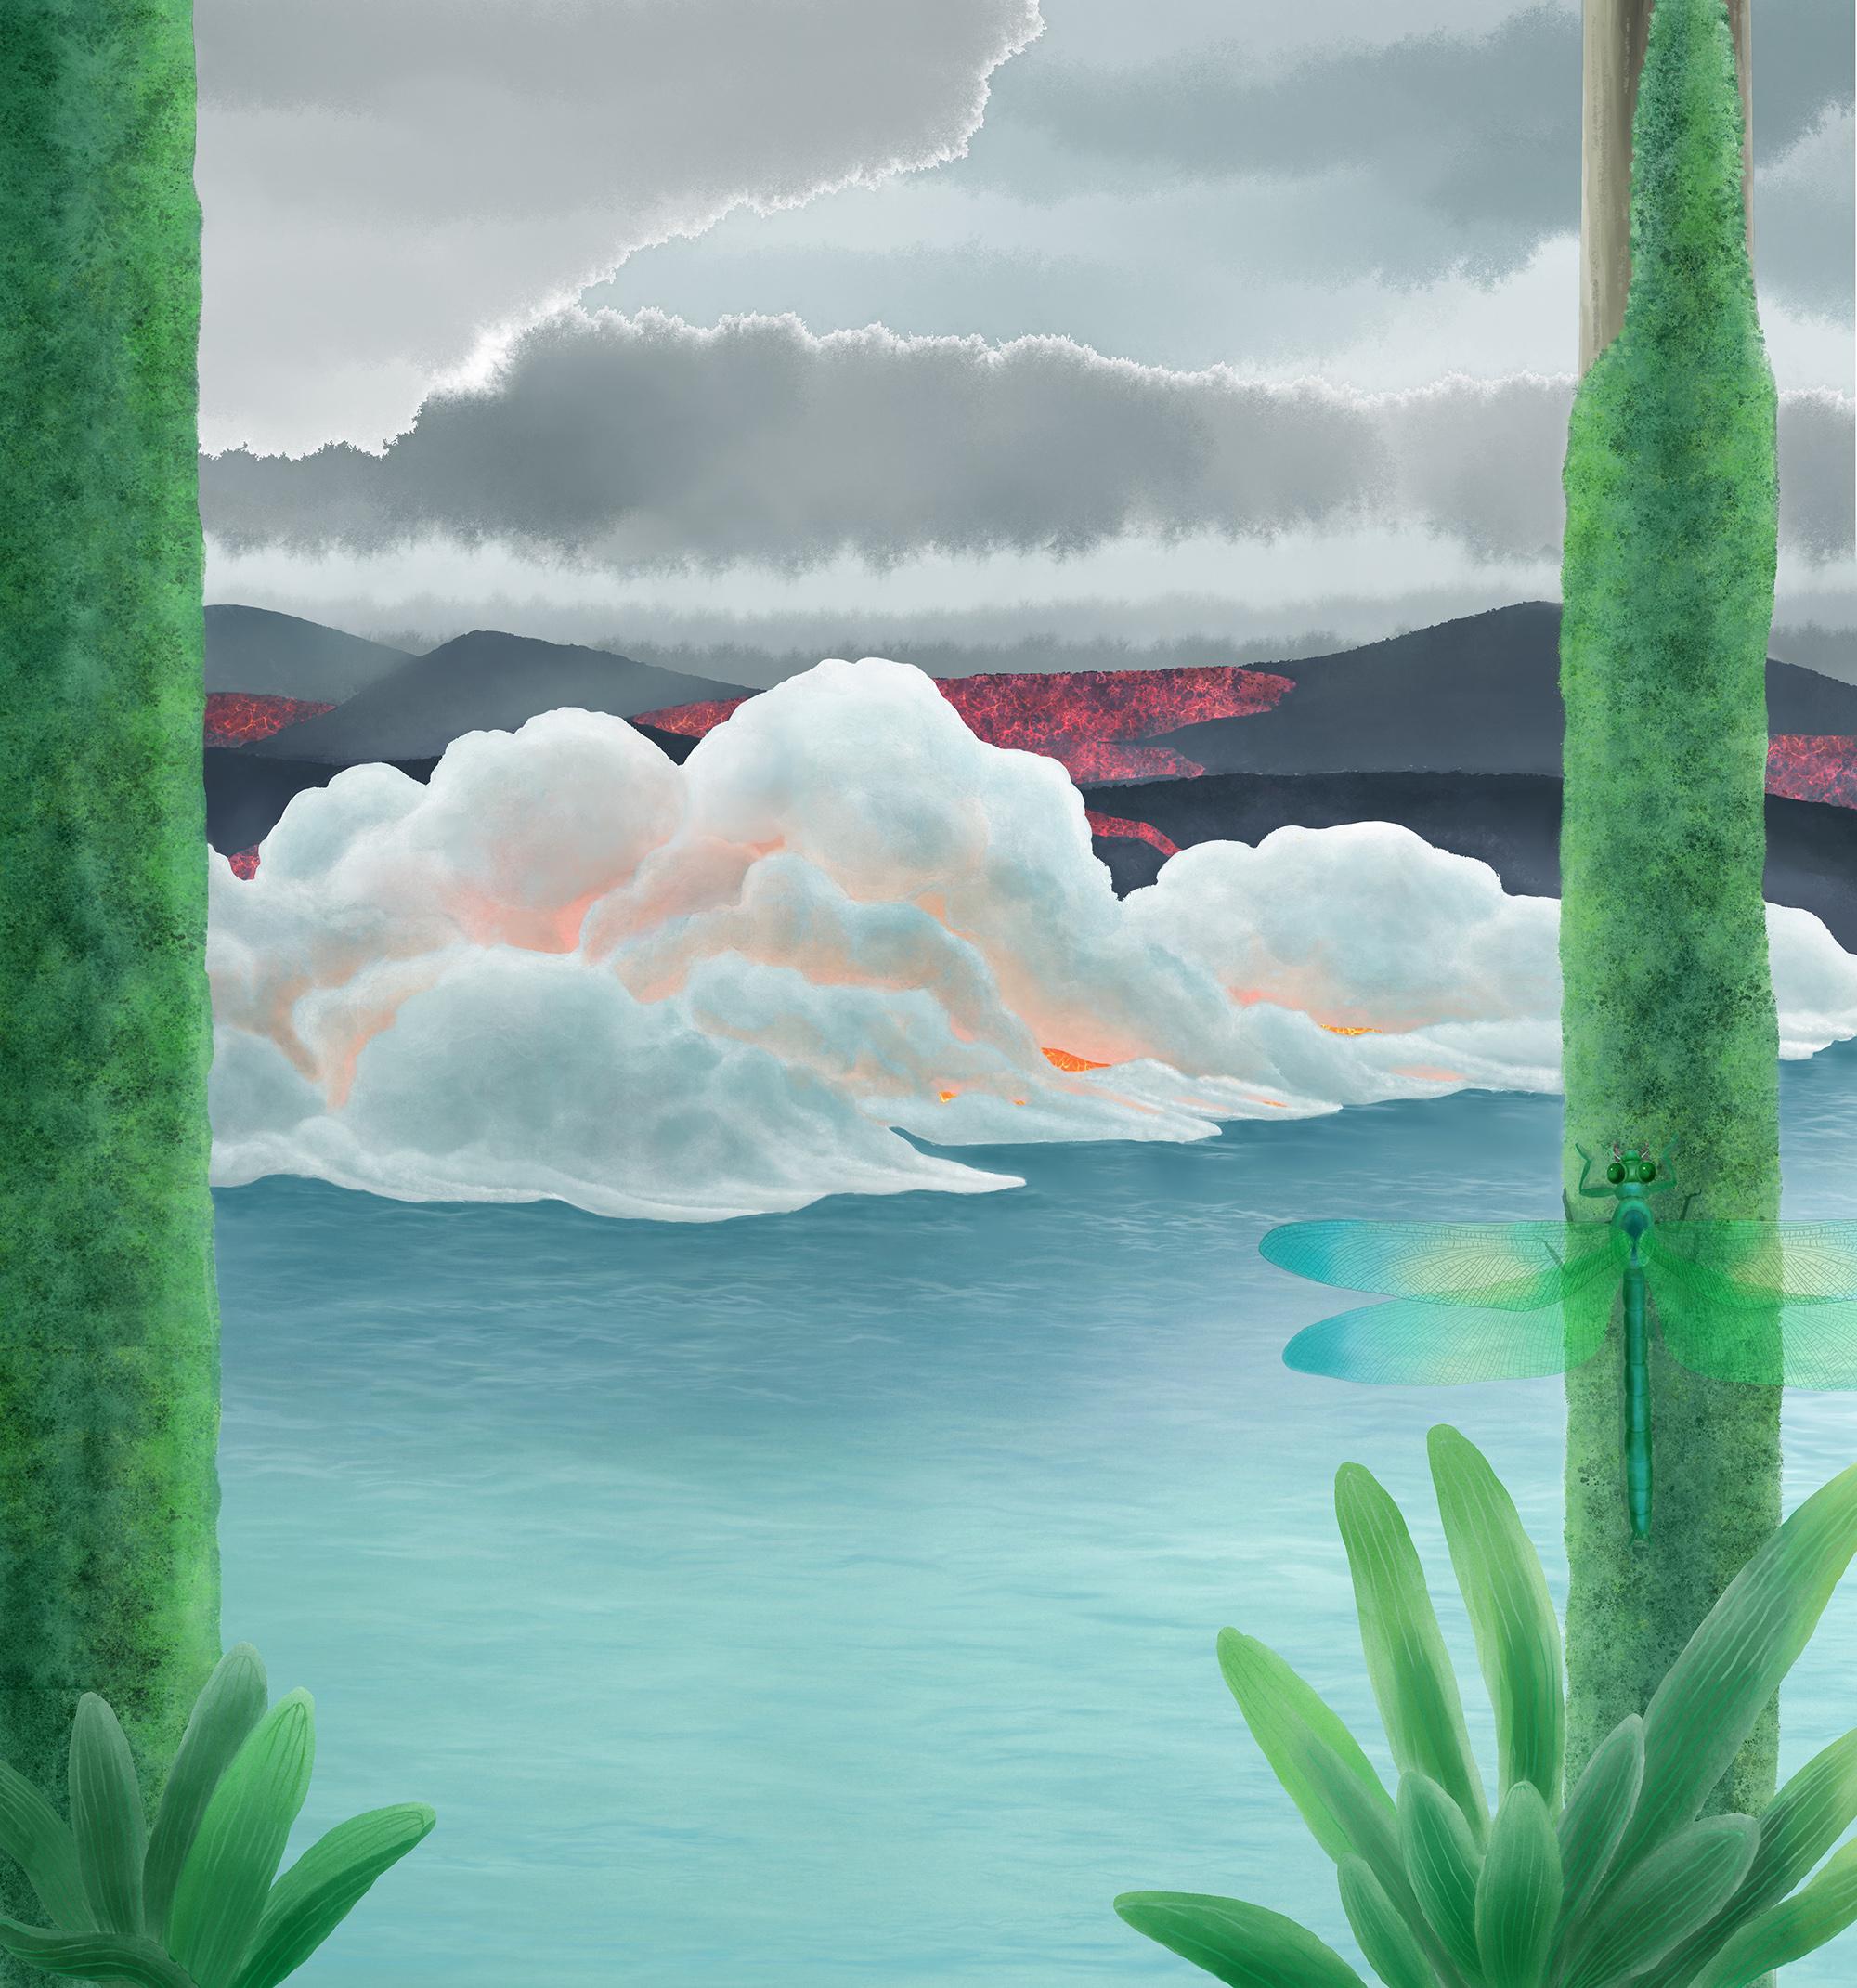 二叠纪末大灭绝想象图:致命的西伯利亚熔岩流入大海,史前生命的最后一瞥 绘图:H. Duan